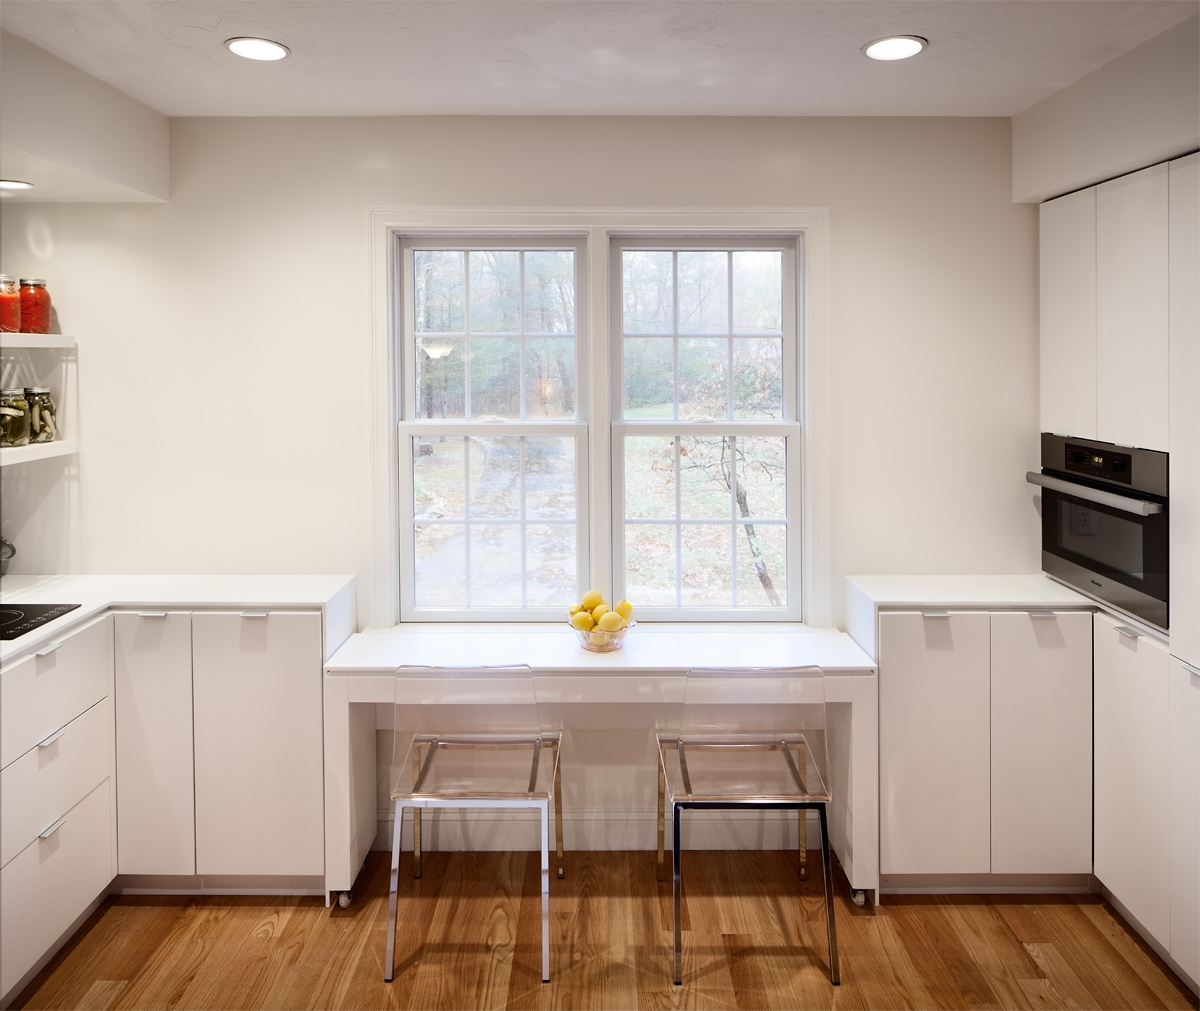 как можно использовать подоконник в кухне фото вам посчастливится найти